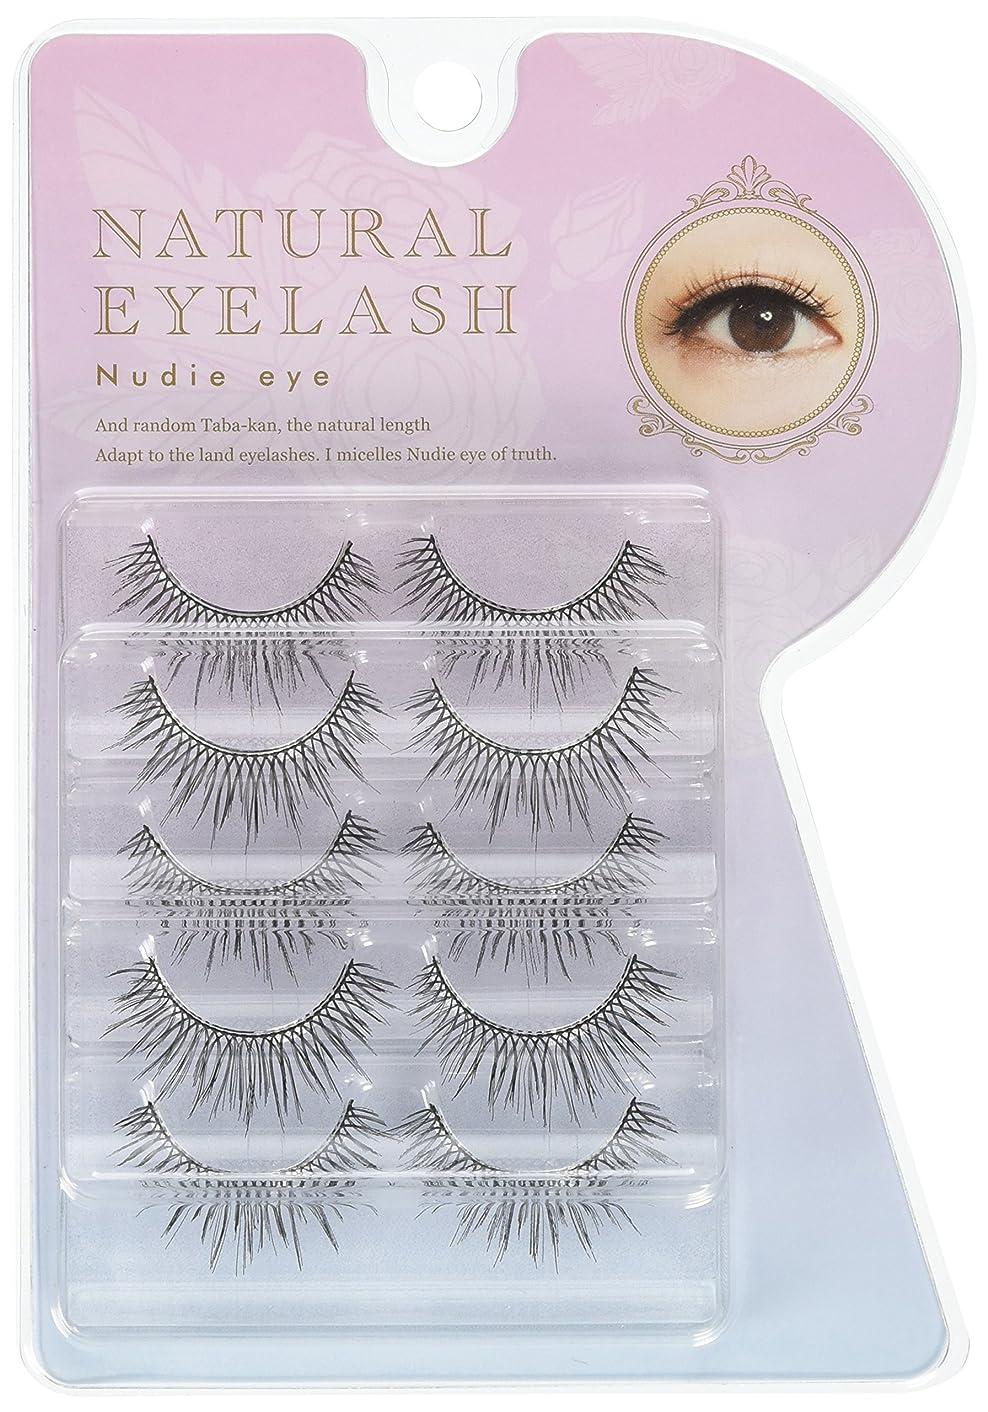 ブレス入場過言銀座コスメティックラボ EYEMAZING NATURAL EYELASH Nudie eye